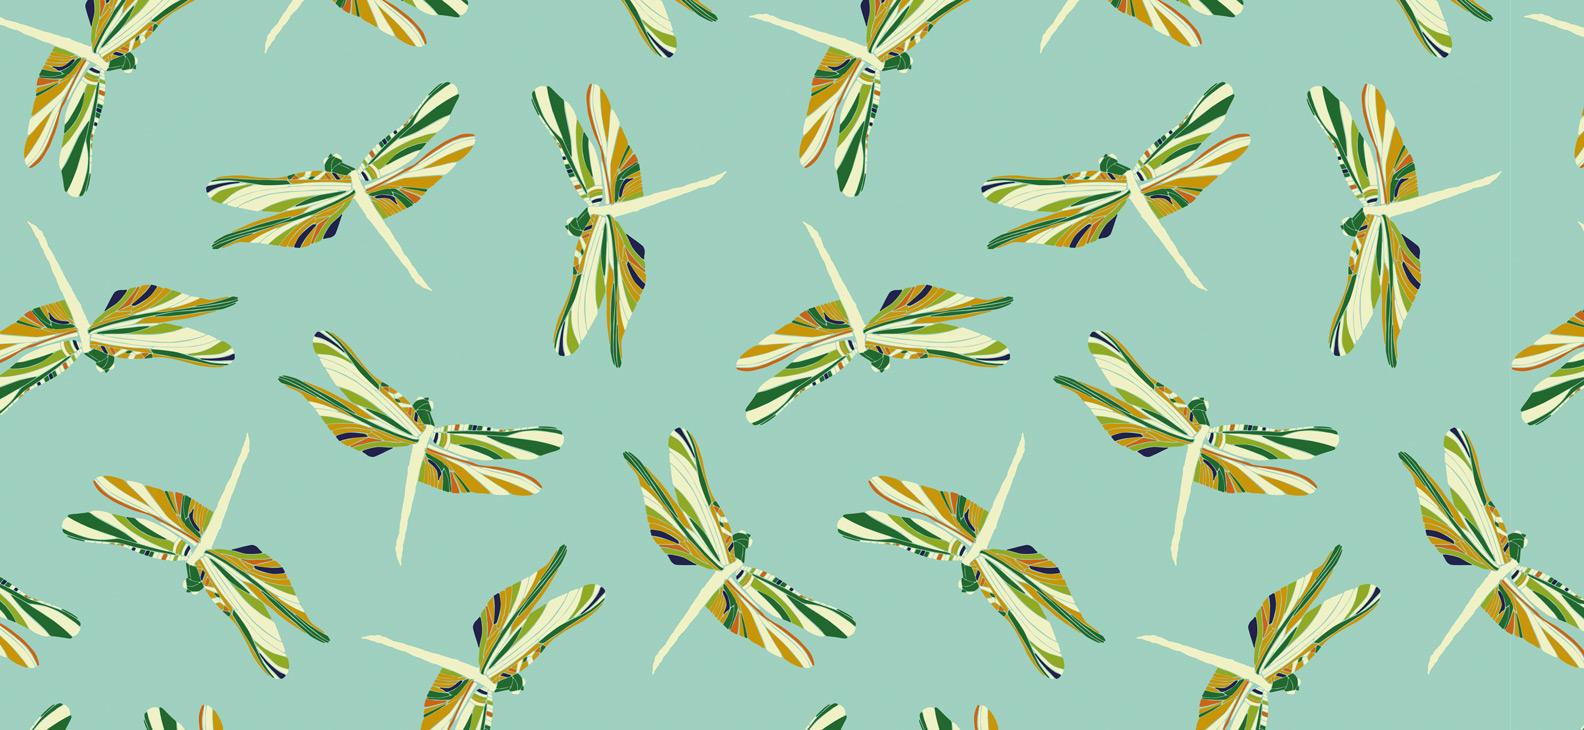 Papier Peint Ressource, Collection Faune & Flore, Motif Demoiselles, Variation D05